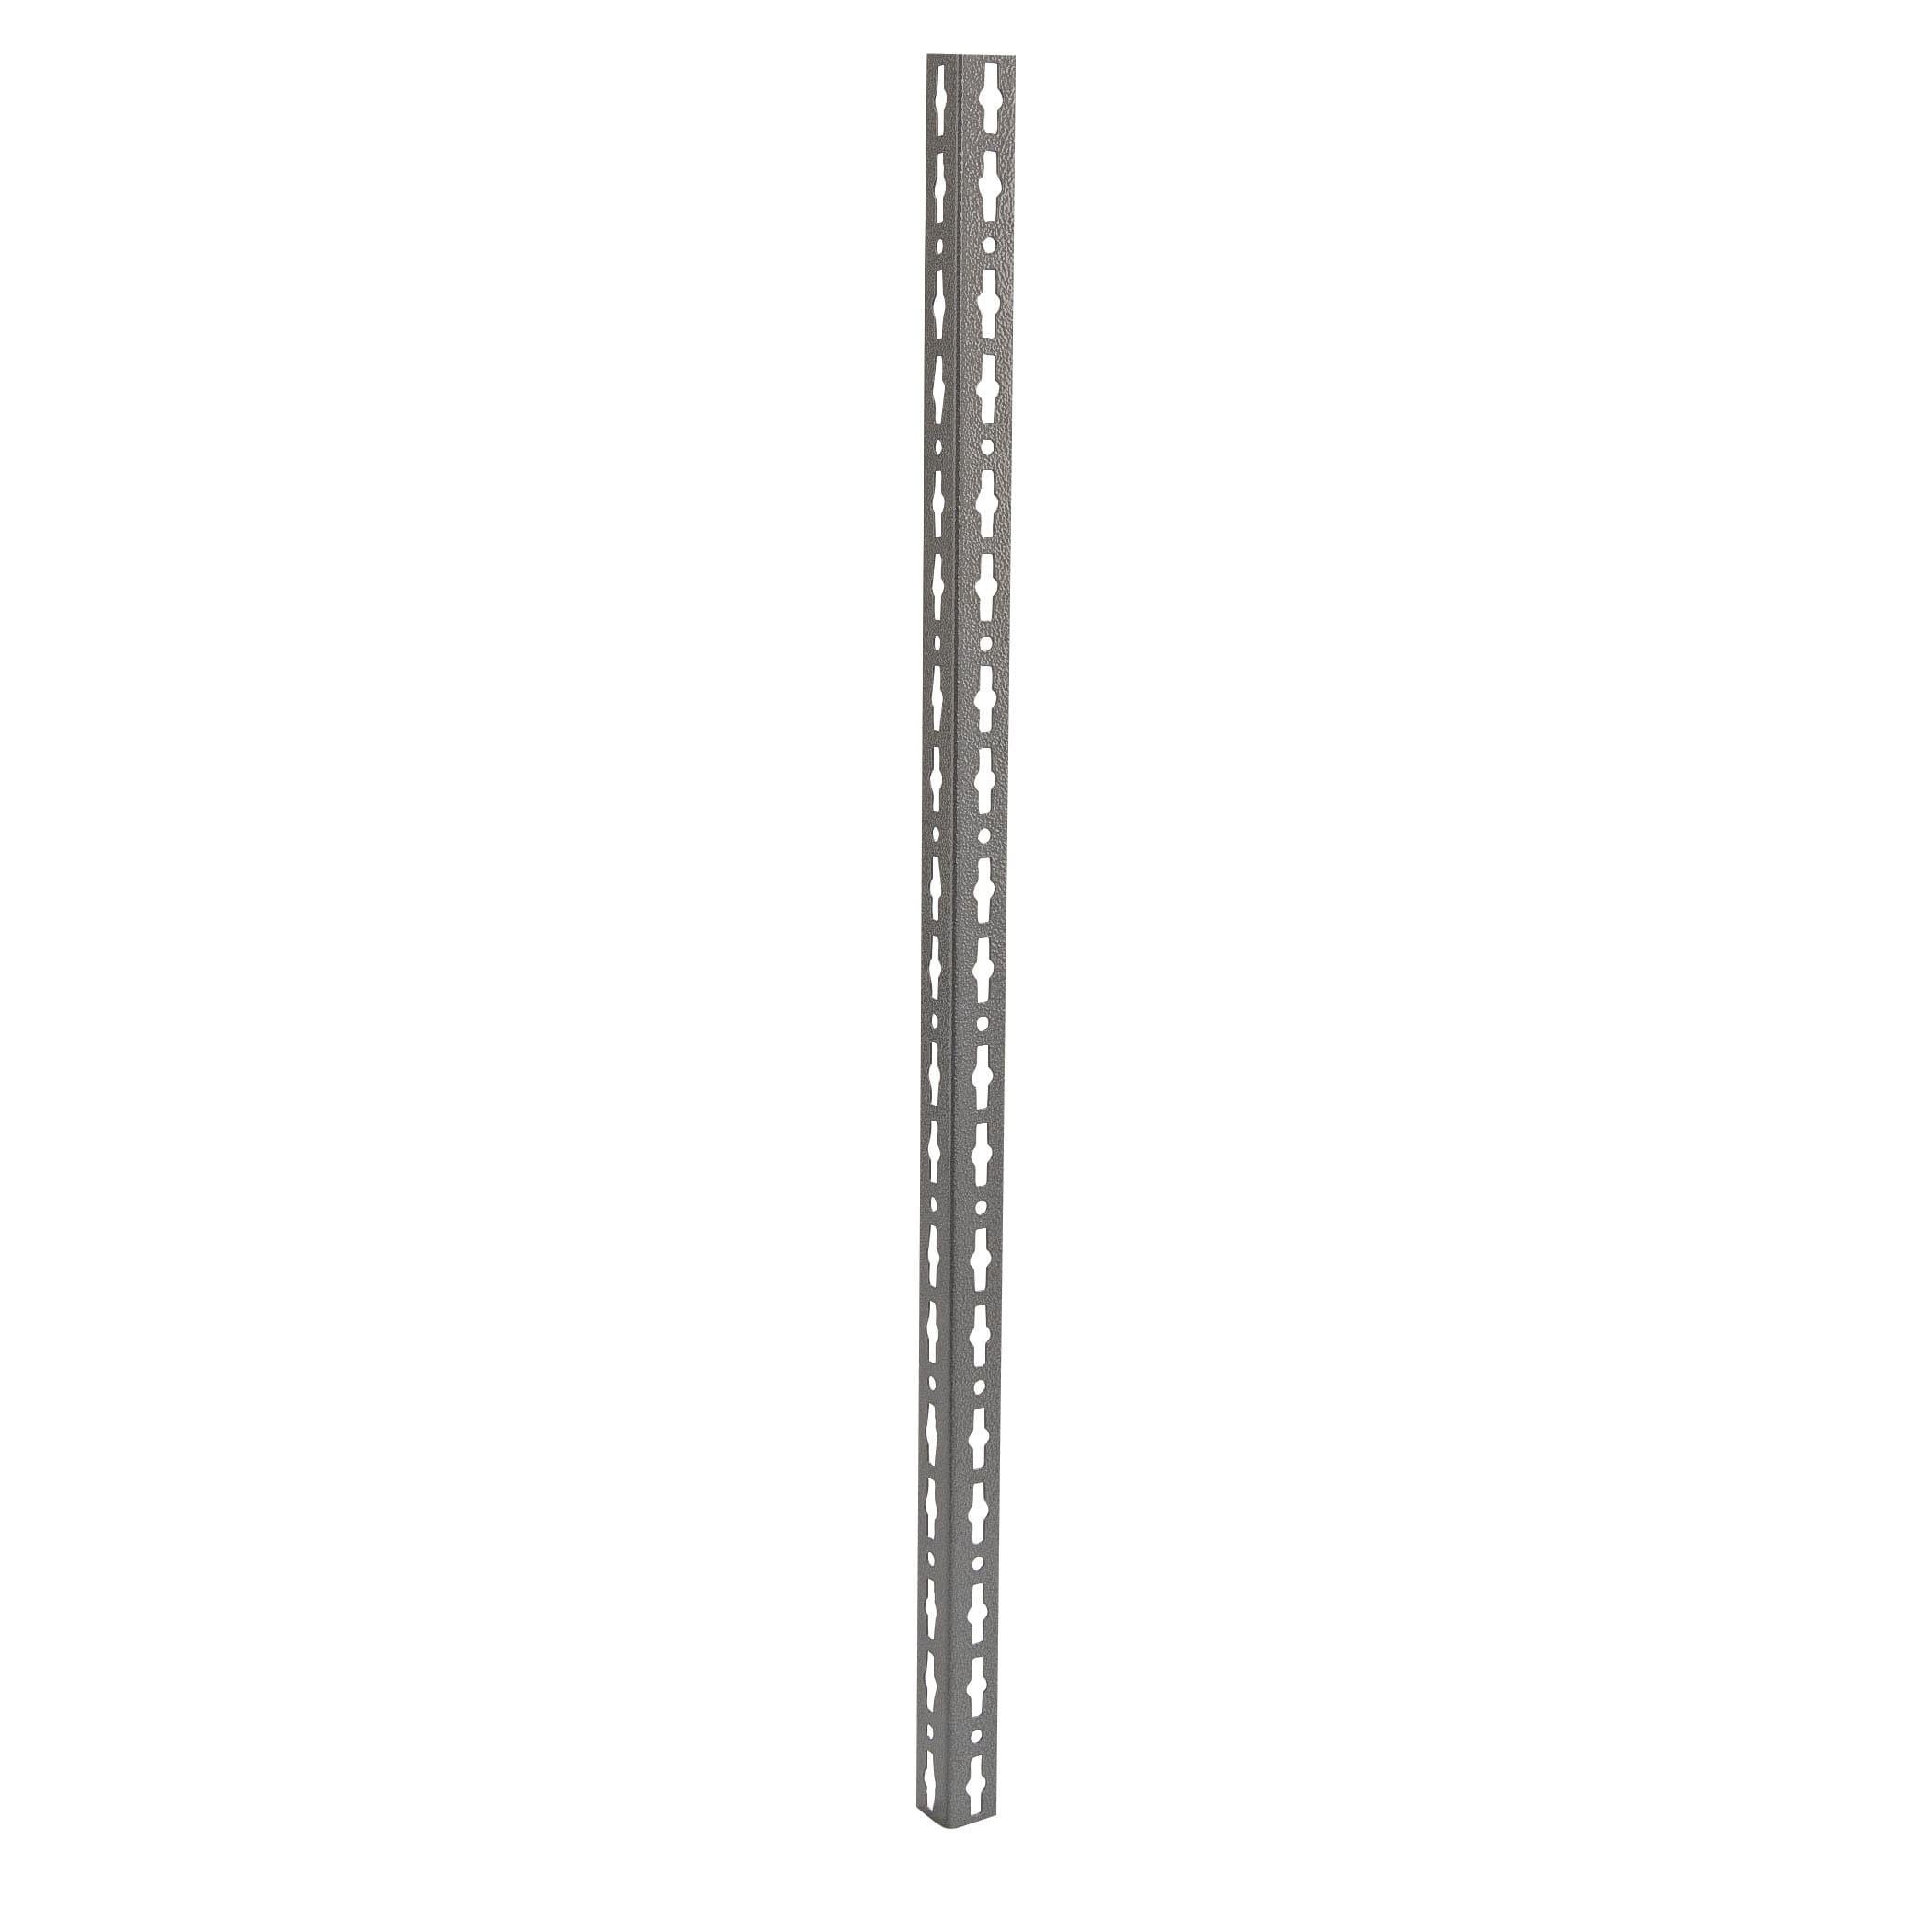 Angolari In Ferro Per Scaffali.Montante In Metallo Angolare L 4 X H 259 8 X Sp 4 Cm Grigio